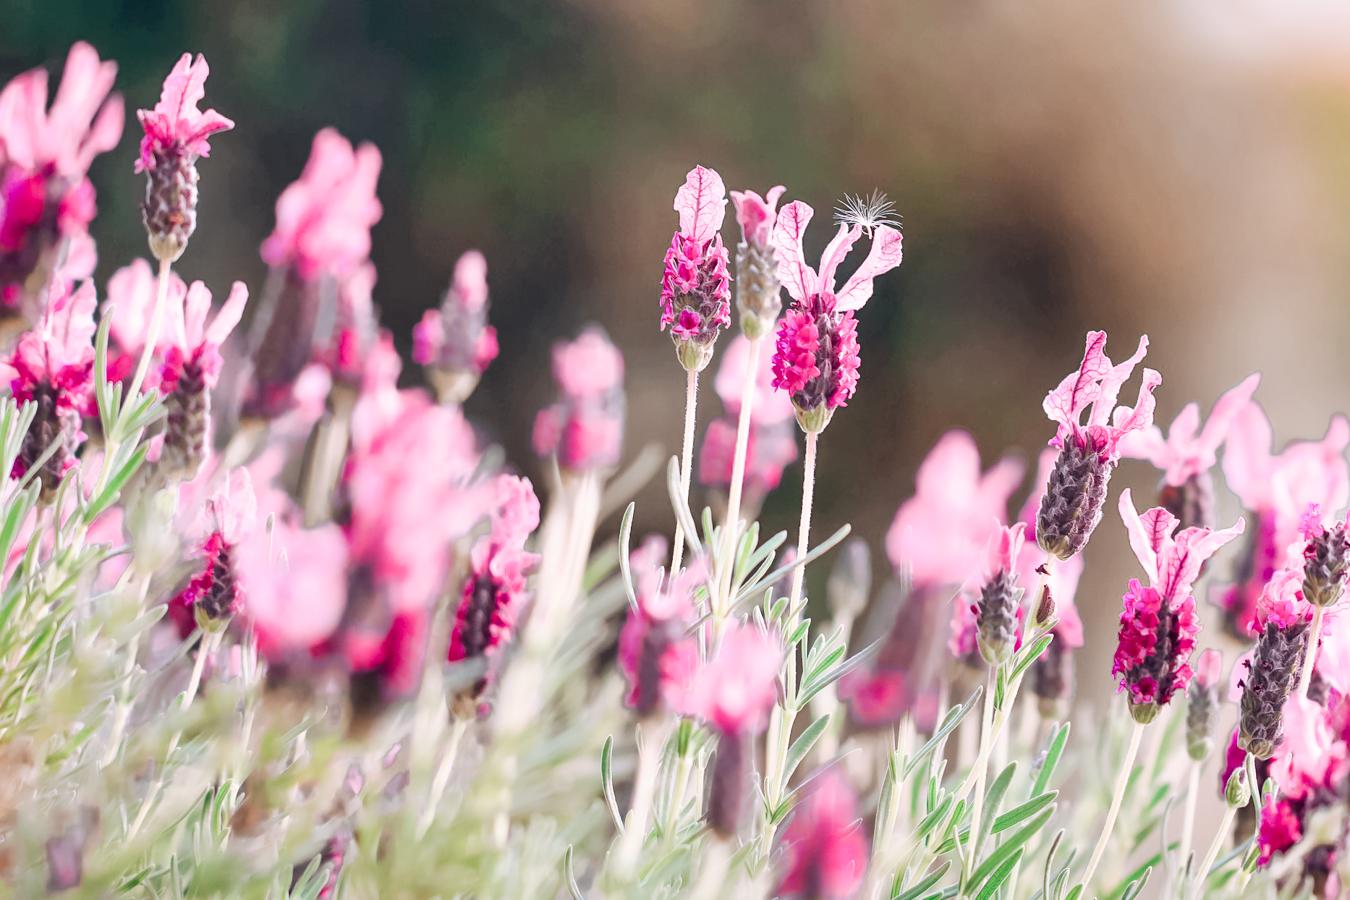 Flowers at the United States Botanic Garden in Washington DC